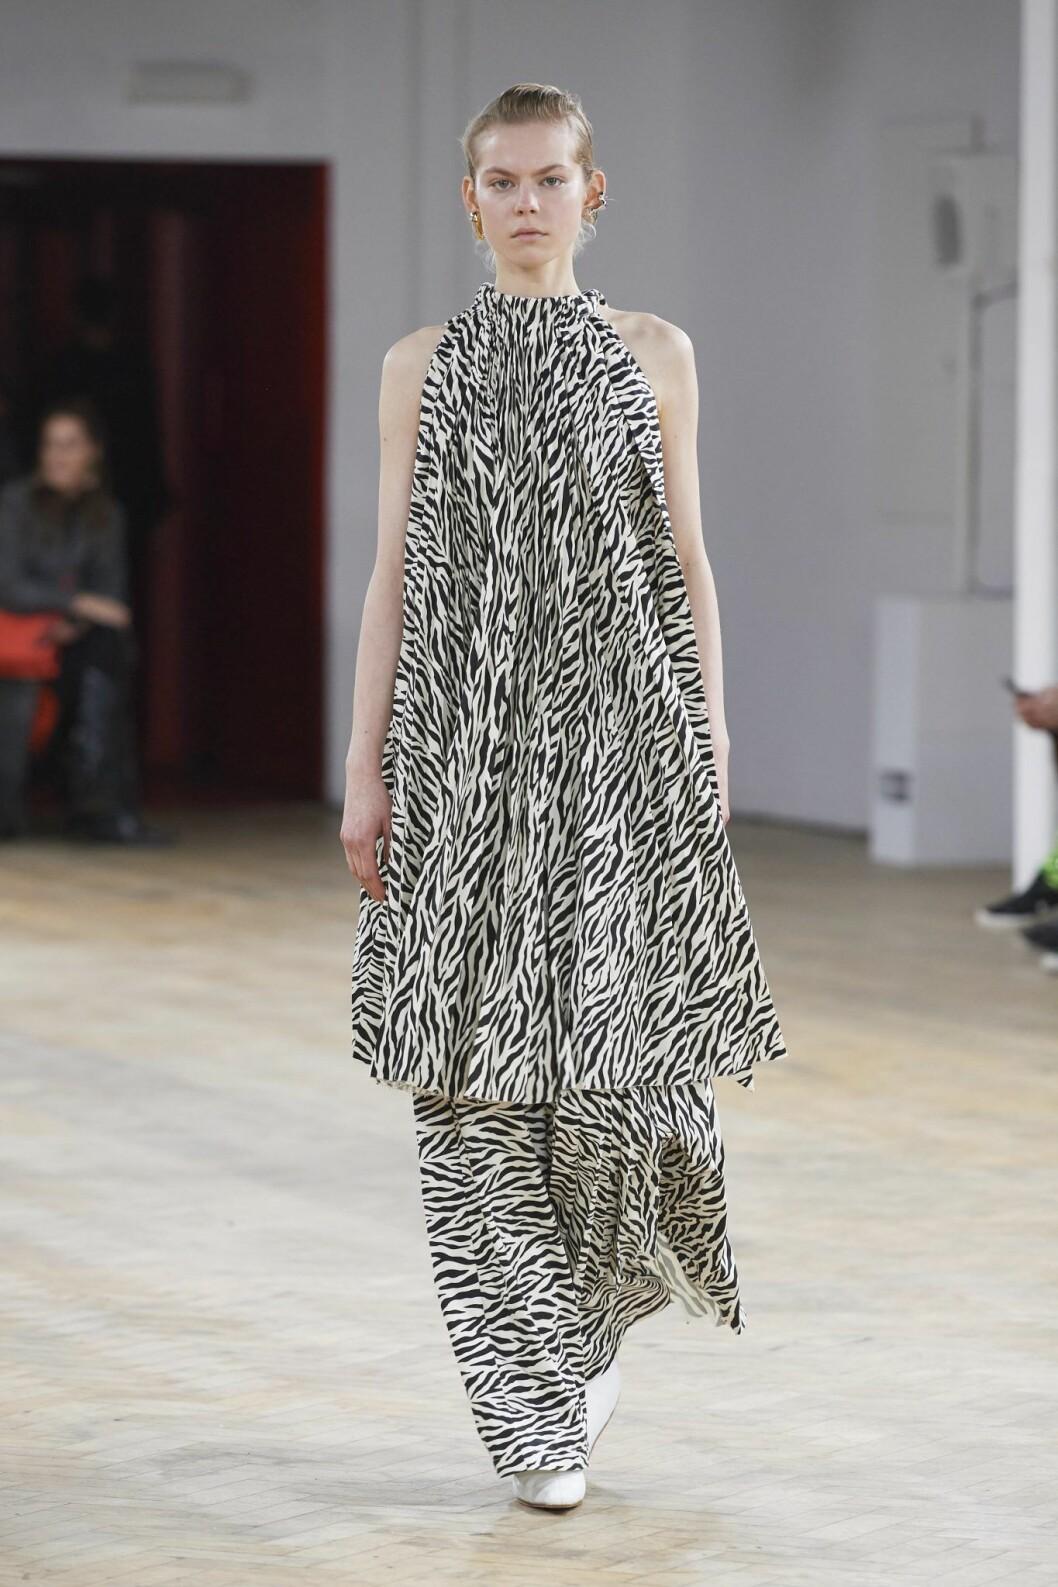 Zebramönstrad klänning med tillhörande byxor